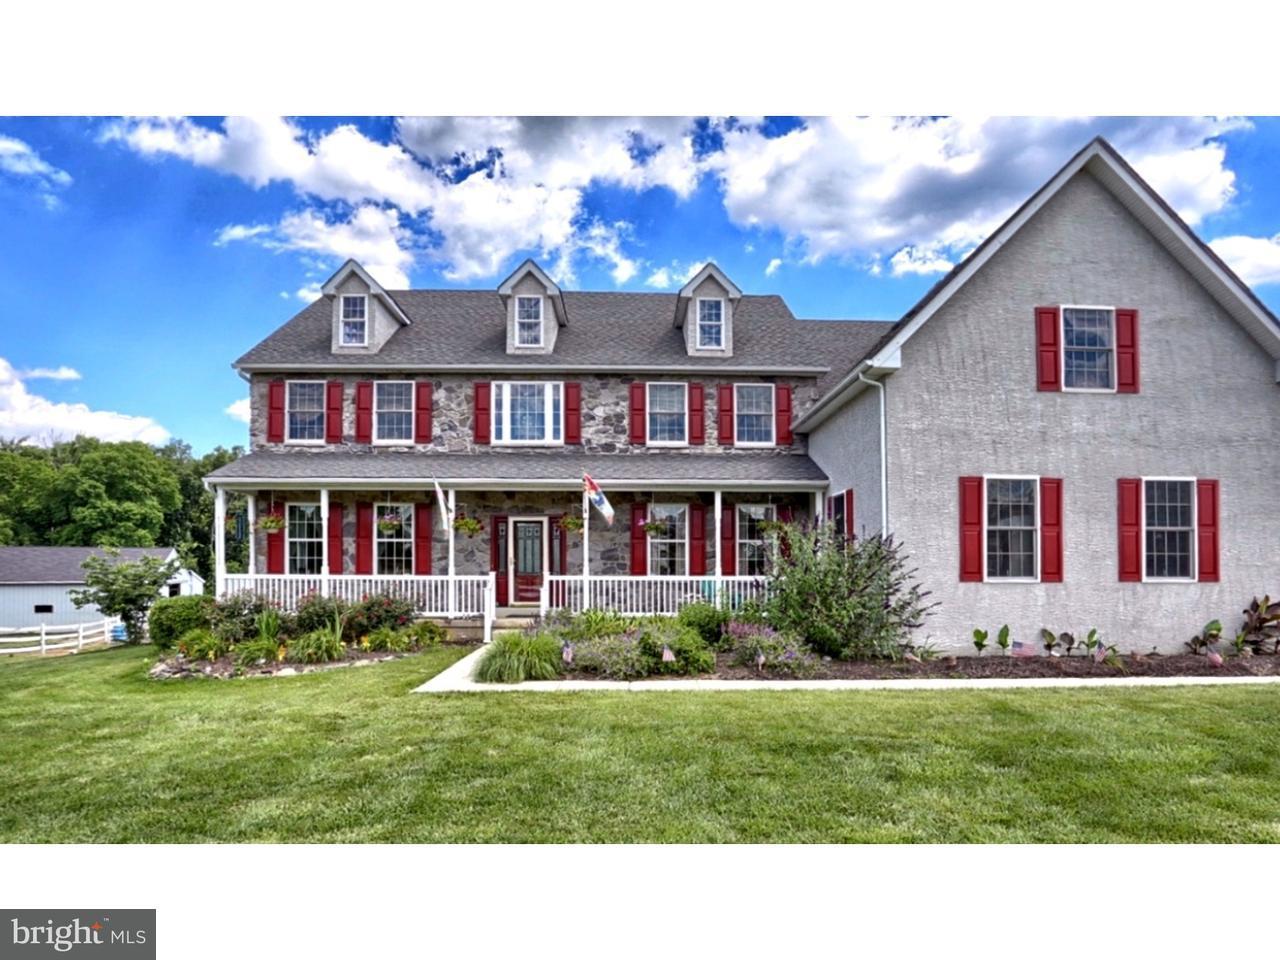 独户住宅 为 销售 在 810 TRISTEN WAY Schwenksville, 宾夕法尼亚州 19473 美国